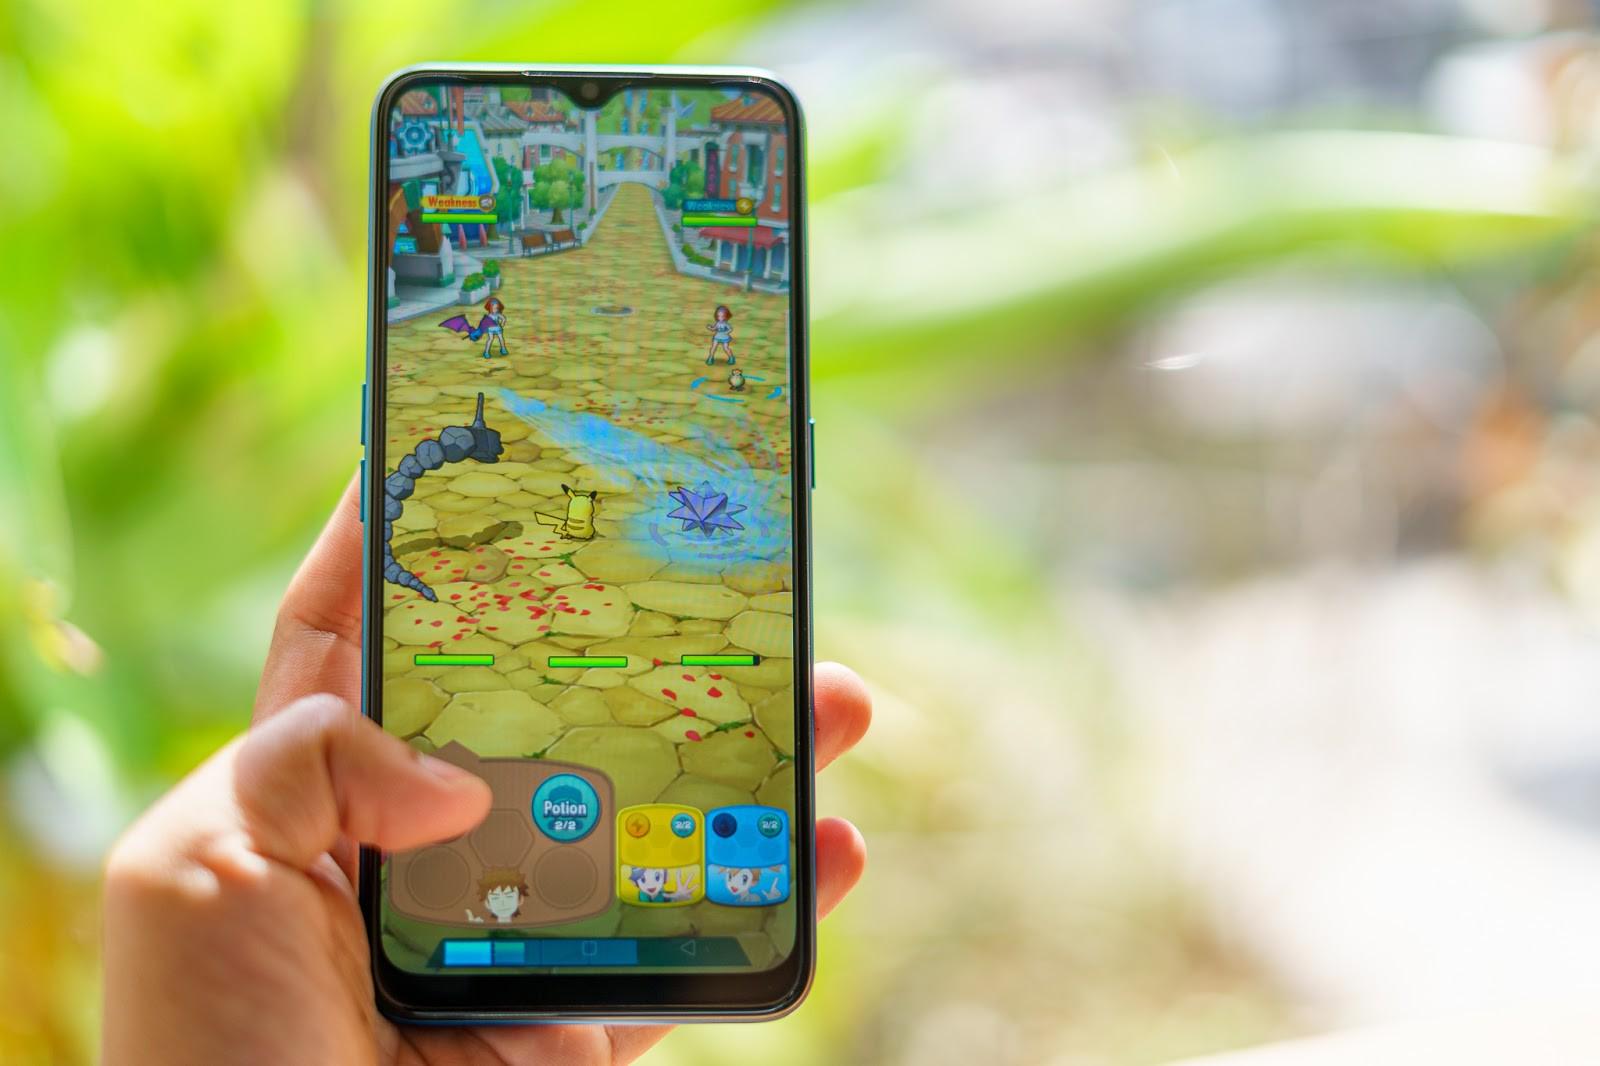 VZN News: Smartphone tầm trung OPPO A9 2020 sẽ mang đến những trải nghiệm tối đa nào với viên pin khủng 5.000 mAh? - Ảnh 3.